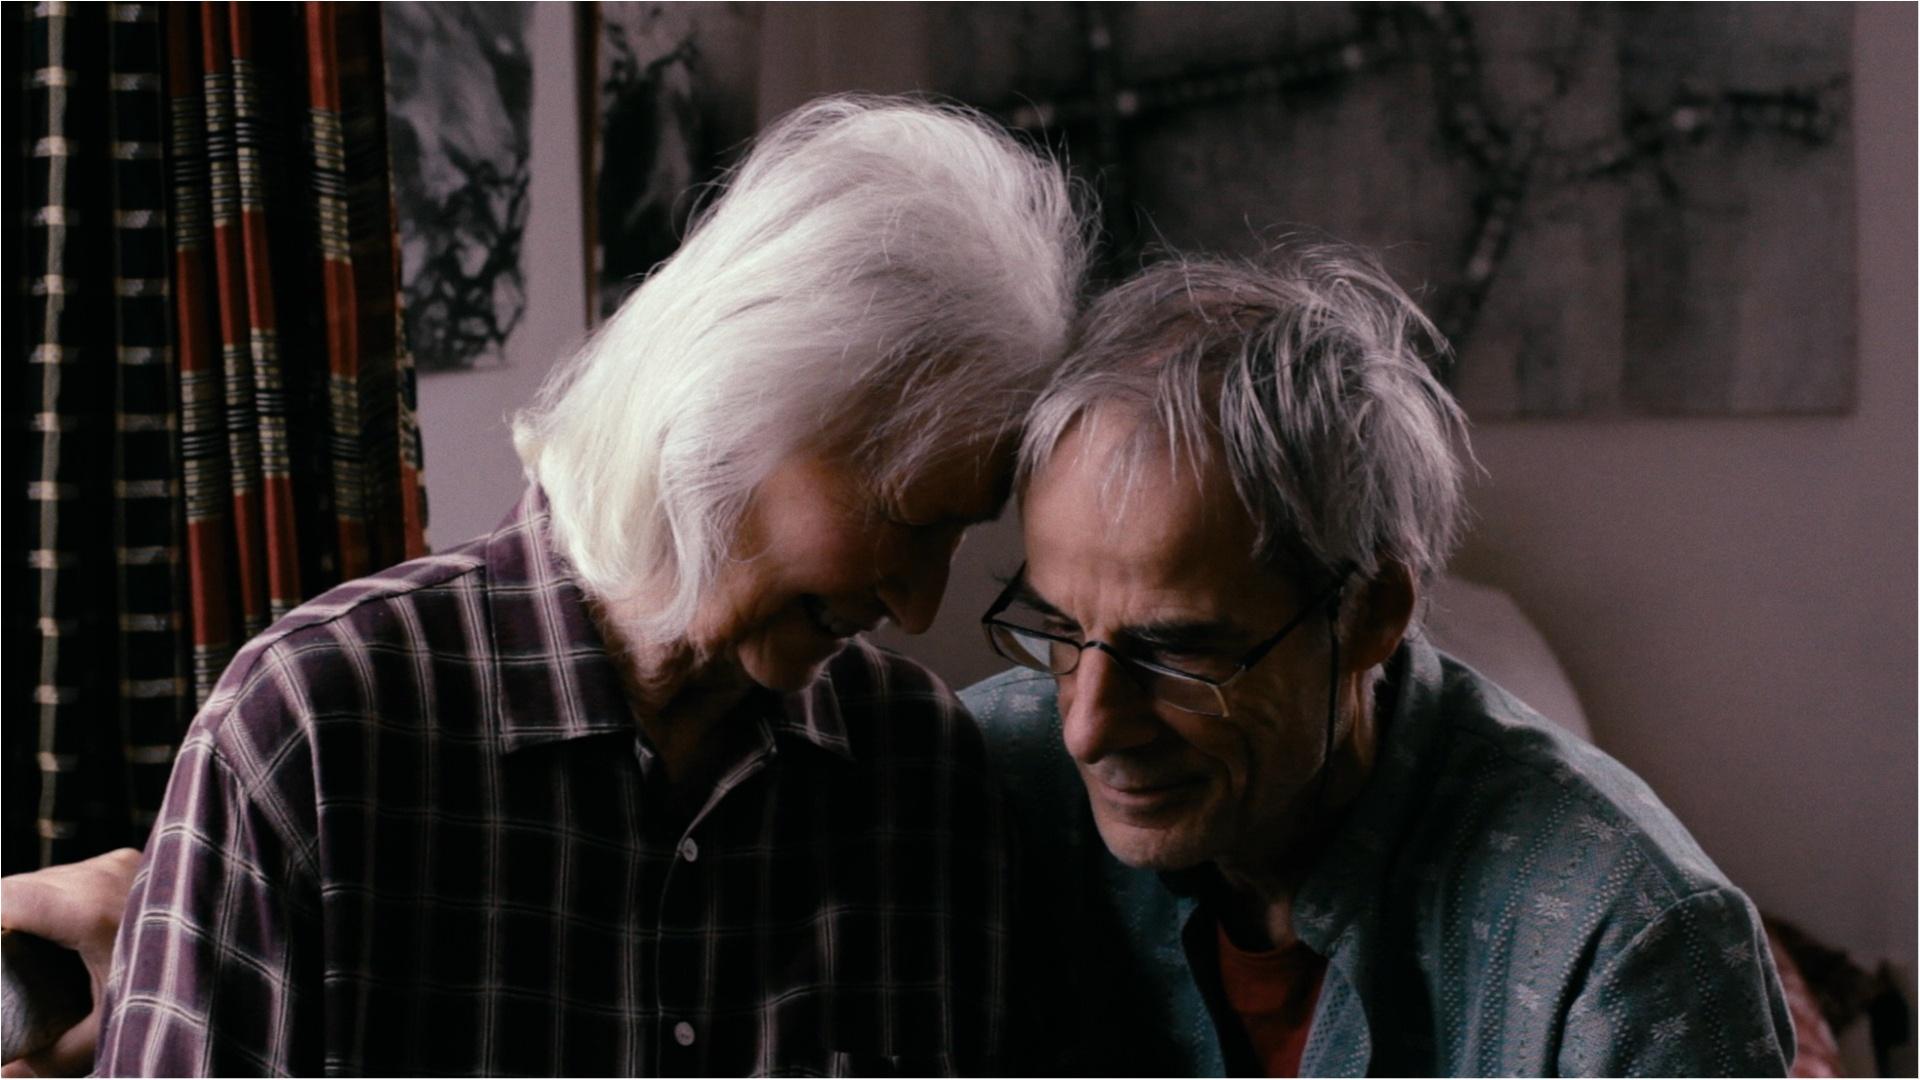 認知症になって初めて愛を獲得した、キャリアウーマンのドキュメンタリー『わすれな草』_1